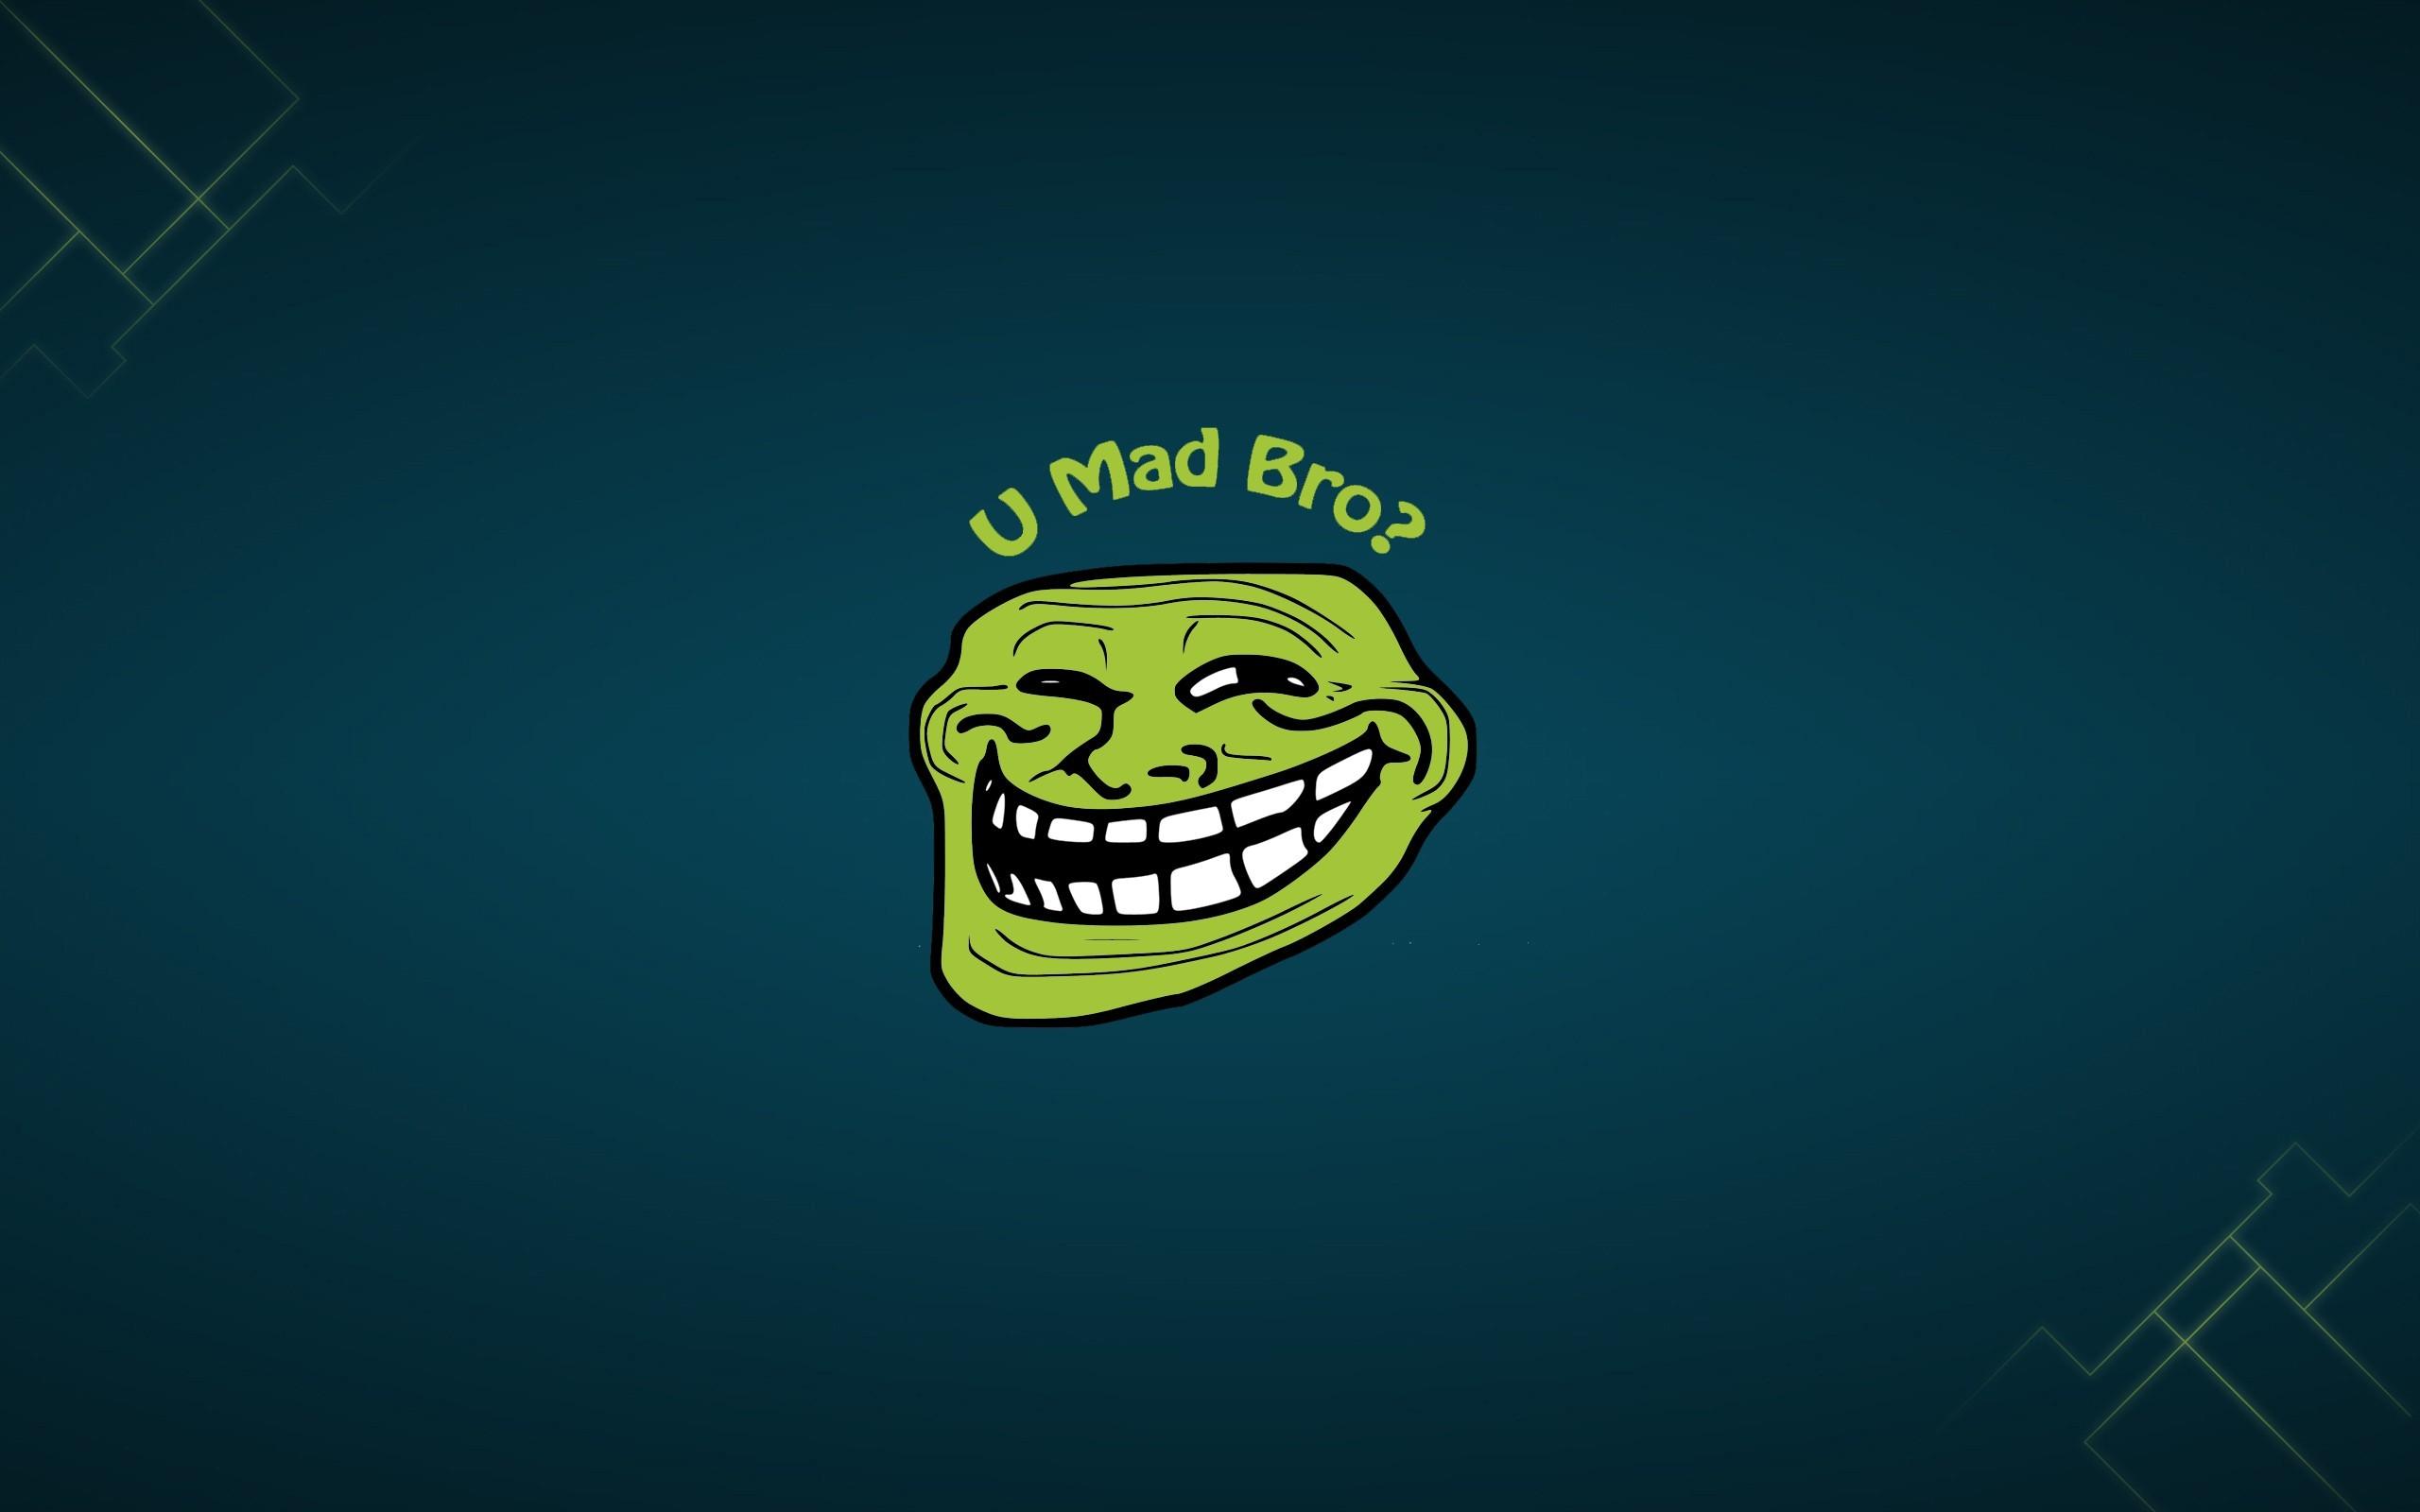 Troll Face Funny Meme HD Wallpaper For Desktop and Mobile